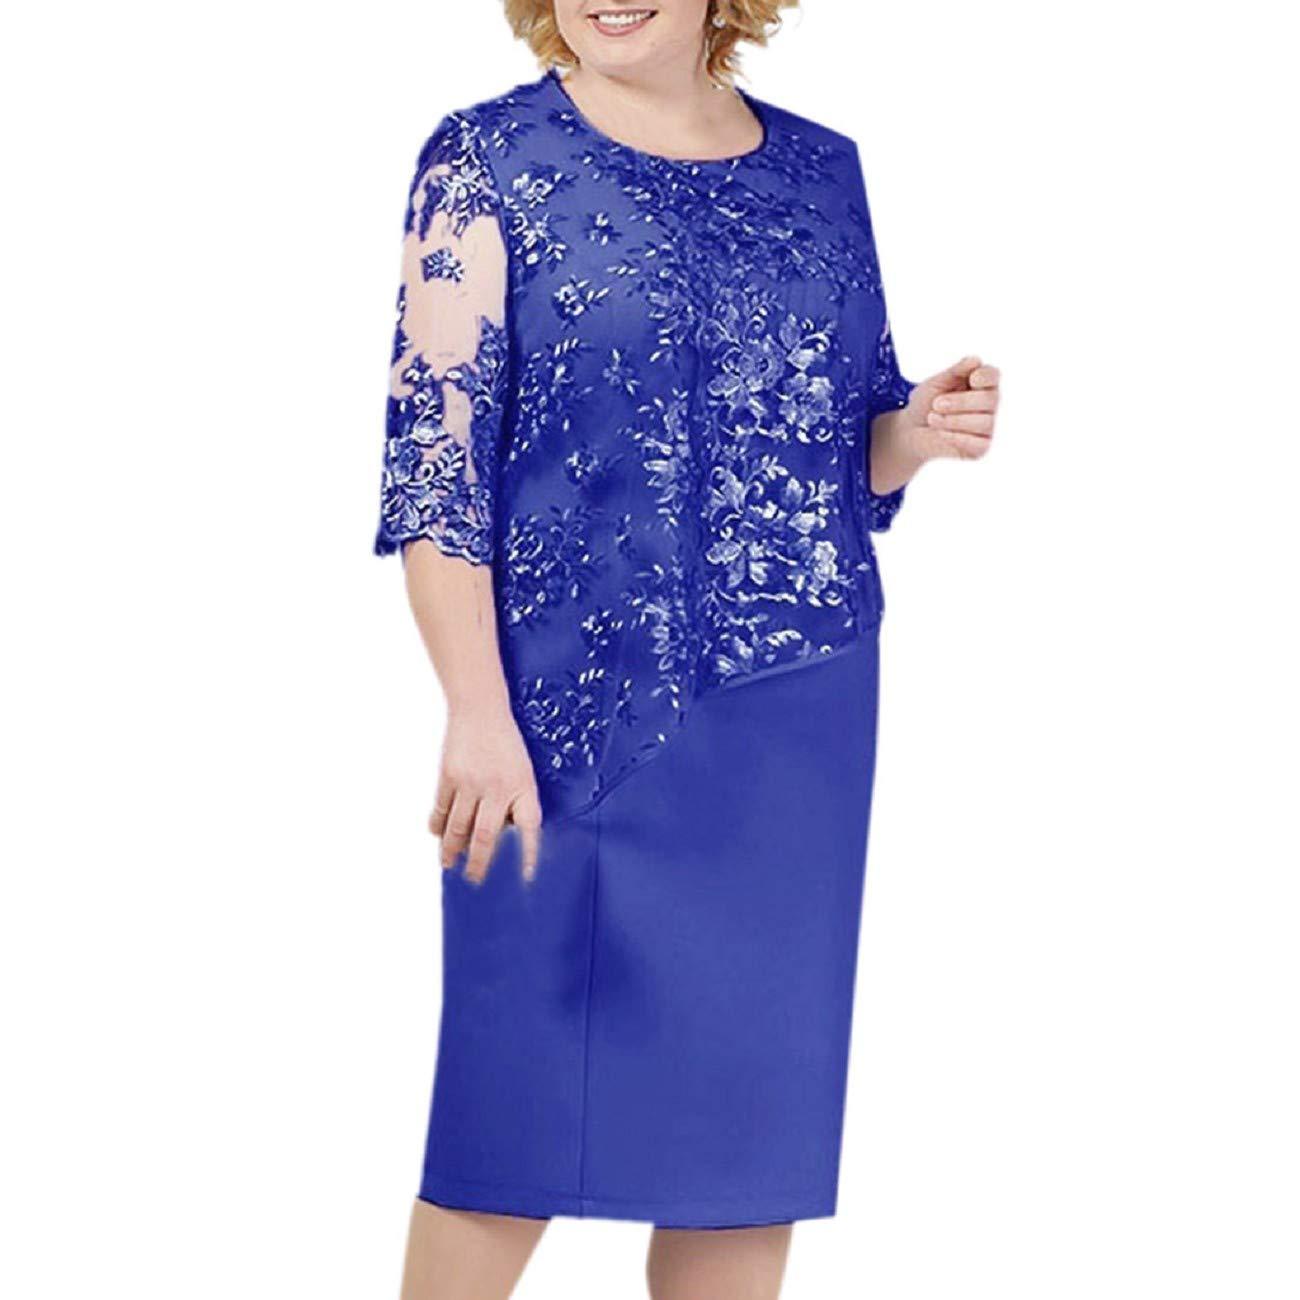 FAPIZI Women Plus Size Sequin Midi Dress Floral Lace Patchwork Wedding Cocktail Party Evening Dress Dark Blue